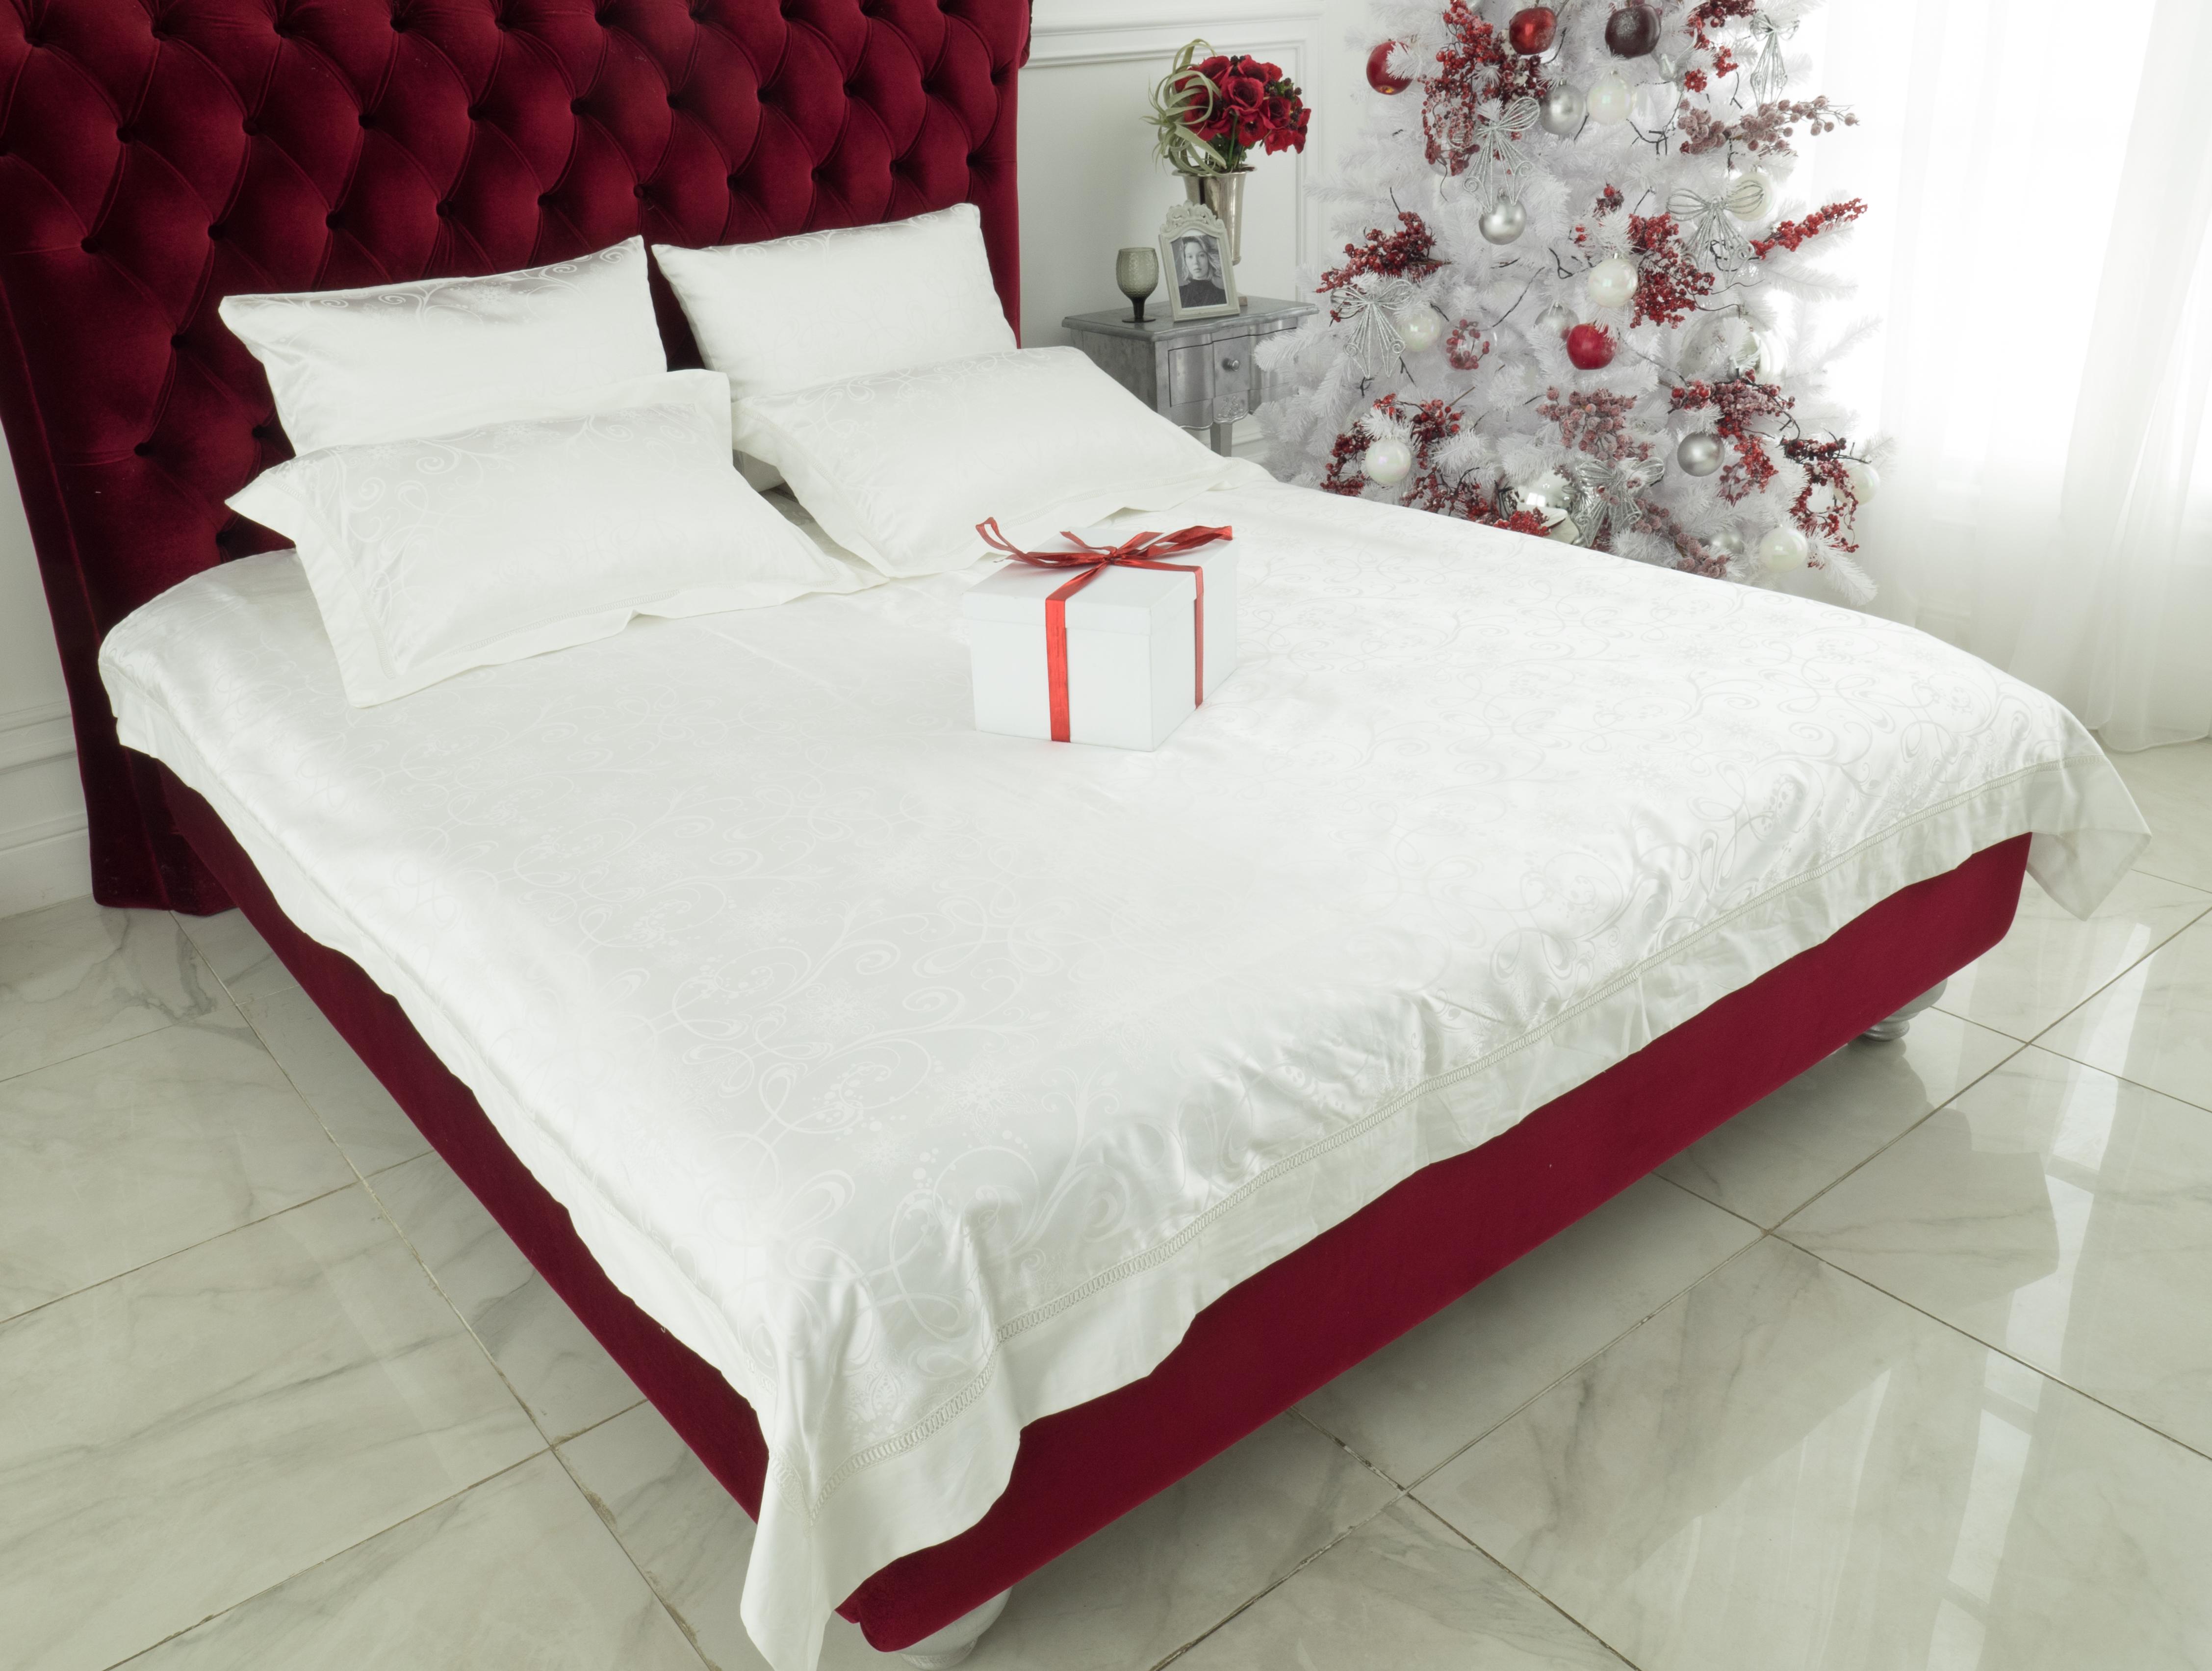 Постельное белье Mioletto Постельное белье Theresa (2 сп. евро) постельное белье karna постельное белье maura 2 сп евро